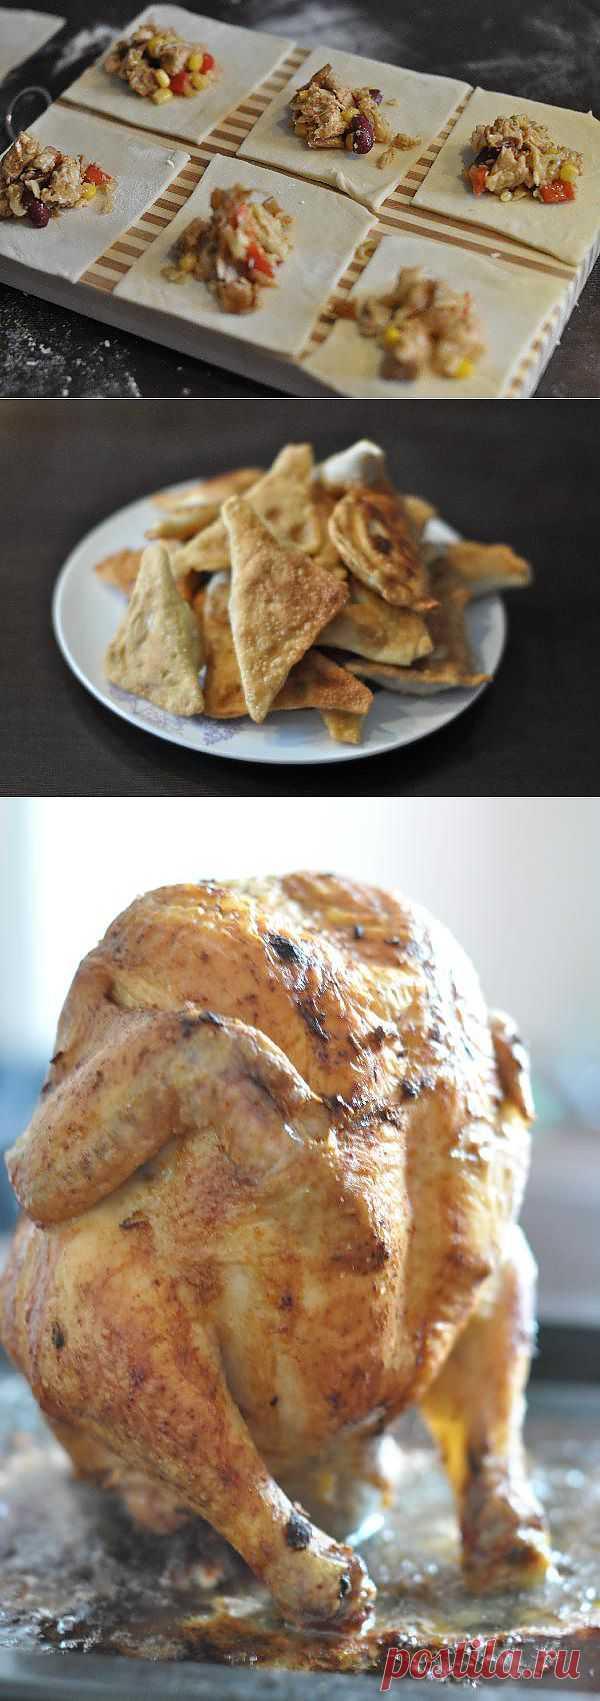 Вонтоны – одна из вариаций пельменей, пришедшая из Китая, которые жарят, варят или готовят на пару. В качестве начинки используется мясо (курица, свинина), креветки, капуста, грибы или фрукты. Тесто для вонтонов можно купить готовое, уже порезанное на квадратики, или приготовить его самостоятельно.